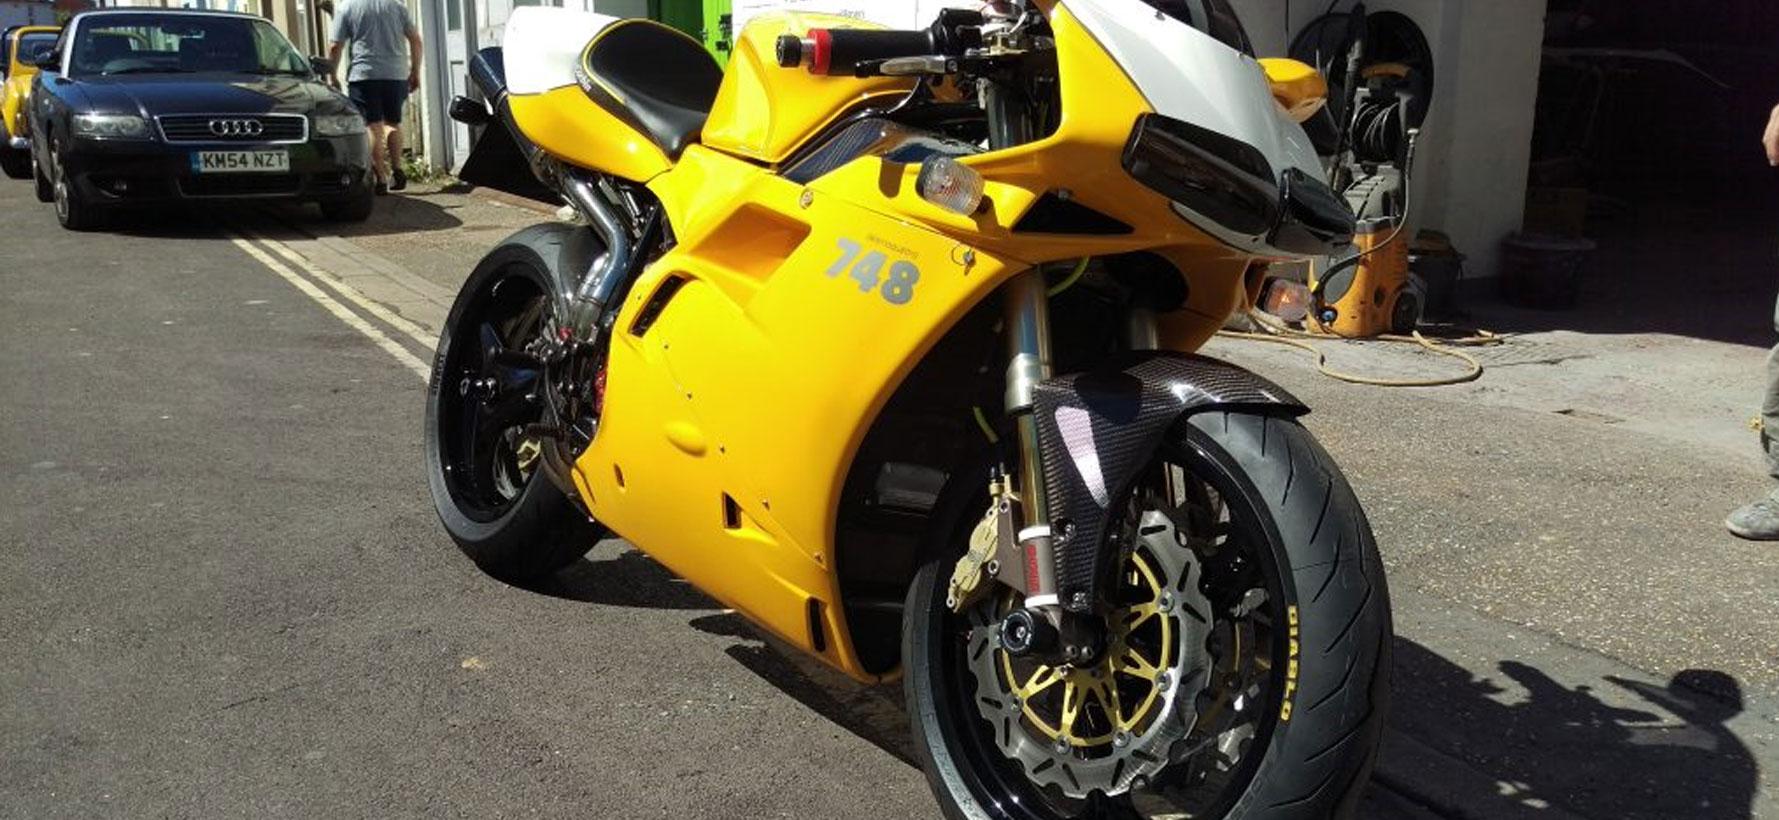 Yellow-748-Ducati